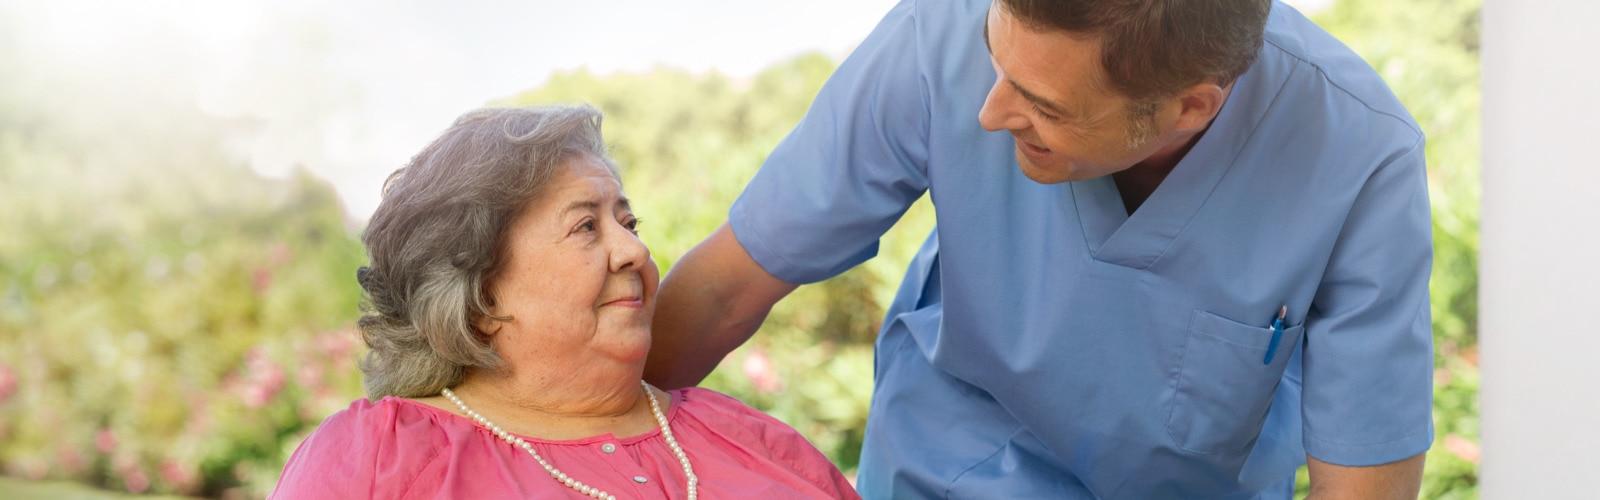 Kedy začínajú príznaky stareckej demencie?